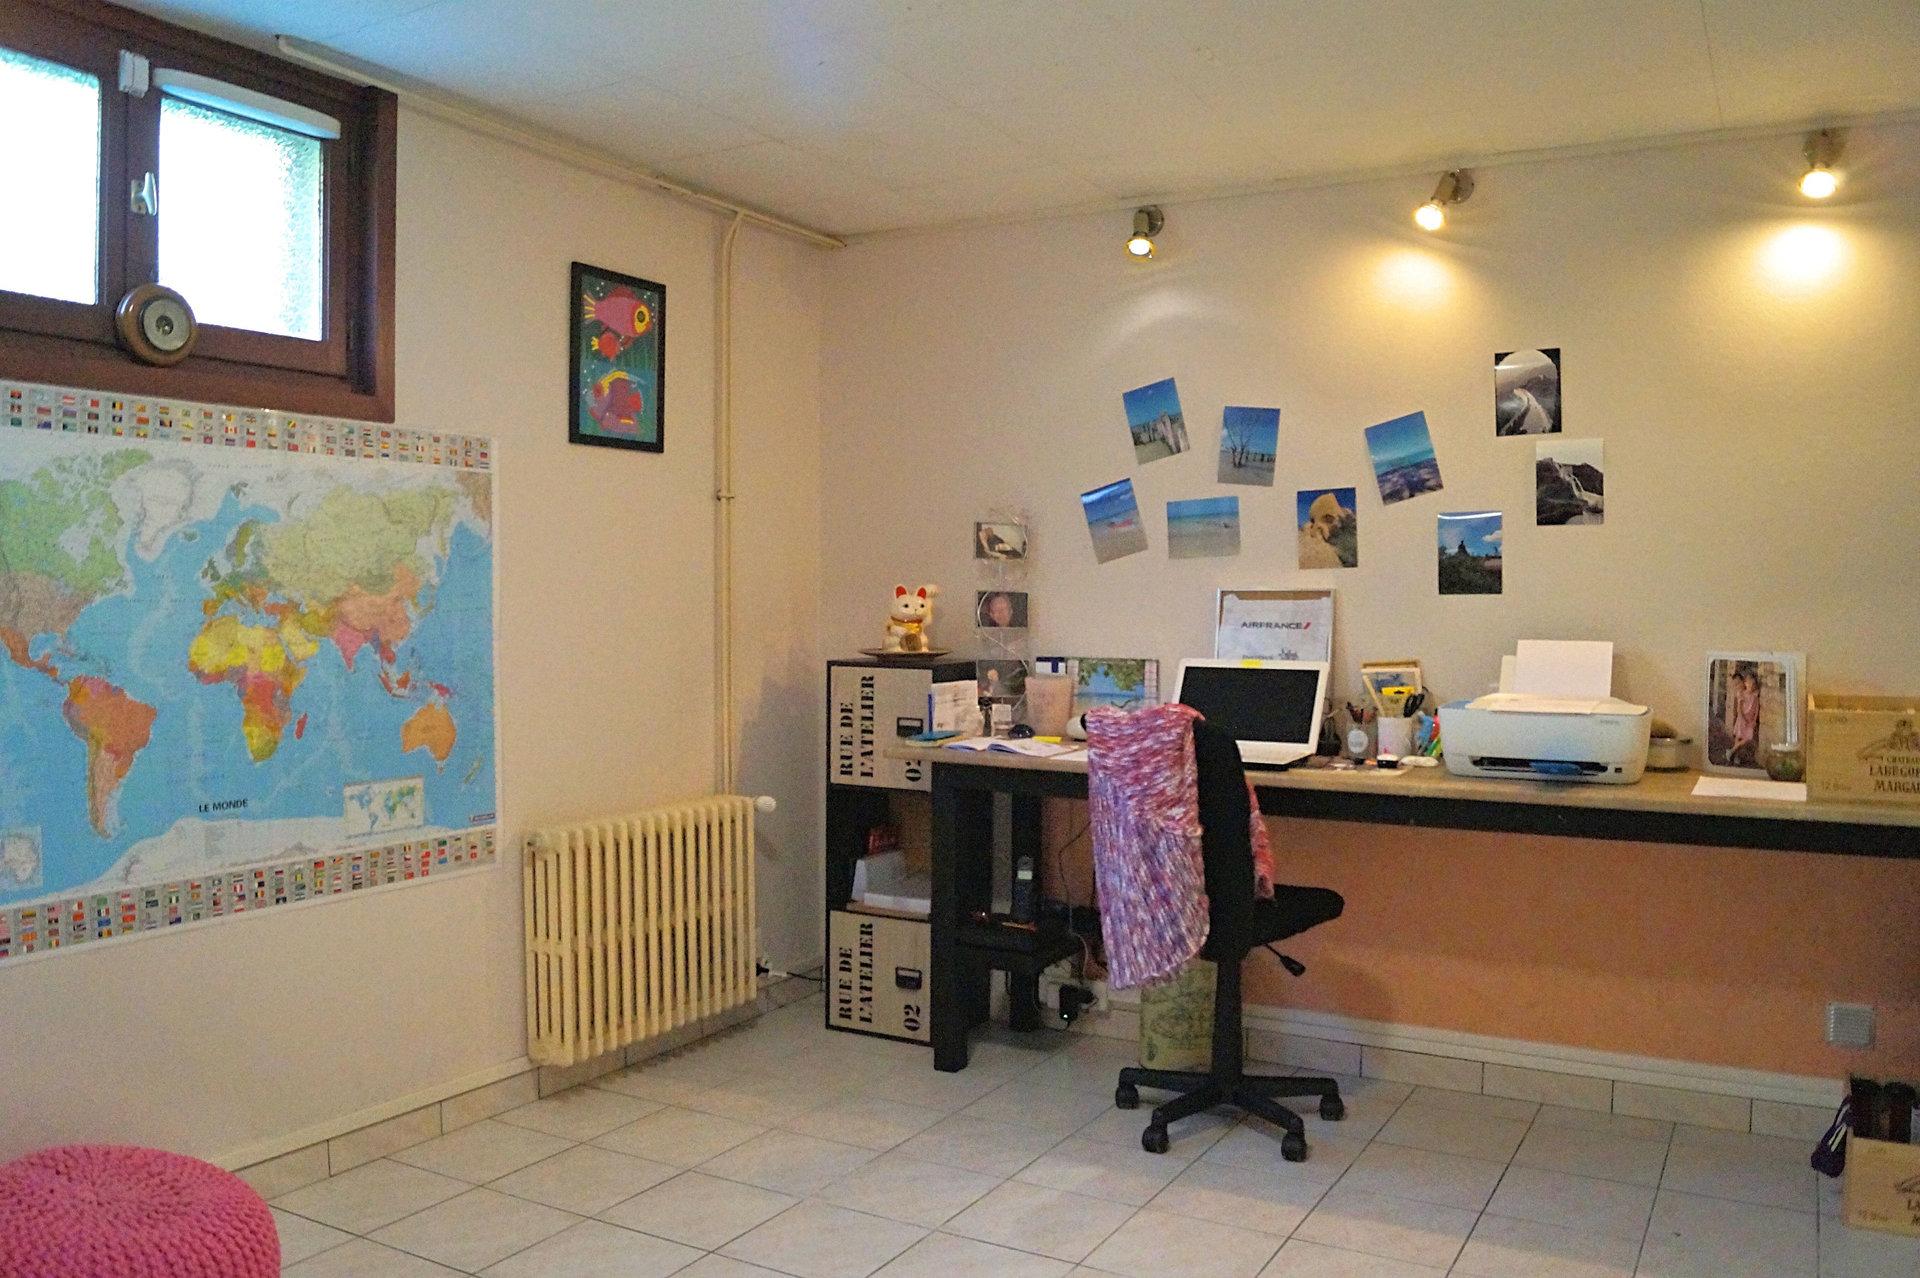 SOUS COMPROMIS DE VENTE - Proche d'un bourg et de ses commerces, à seulement 15 min de MACON, découvrez cette maison traditionnelle de 122 m² environ, bénéficiant d'une belle vue privilégiée. Elevée sur sous-sol complet, elle comprend un séjour double avec cheminée, une cuisine indépendante équipée, 3 chambres dont une de 17 m² environ, une salle de bains et un WC. Le sous-sol semi-enterré comprend un garage, un atelier, une buanderie, une cave et deux pièces habitables. Vous apprécierez son grand terrain de 1978 m² et l'absence de vis-à-vis. De nombreux travaux de rénovation ont été réalisés : menuiseries PVC double vitrage, portail de garage automatique, pompe à chaleur pour le chauffage central... Une terrasse couverte, un abri de jardin et un abri véhicules viennent compléter cette maison familiale et fonctionnelle. A découvrir au plus vite! Honoraires à la charge du vendeur.